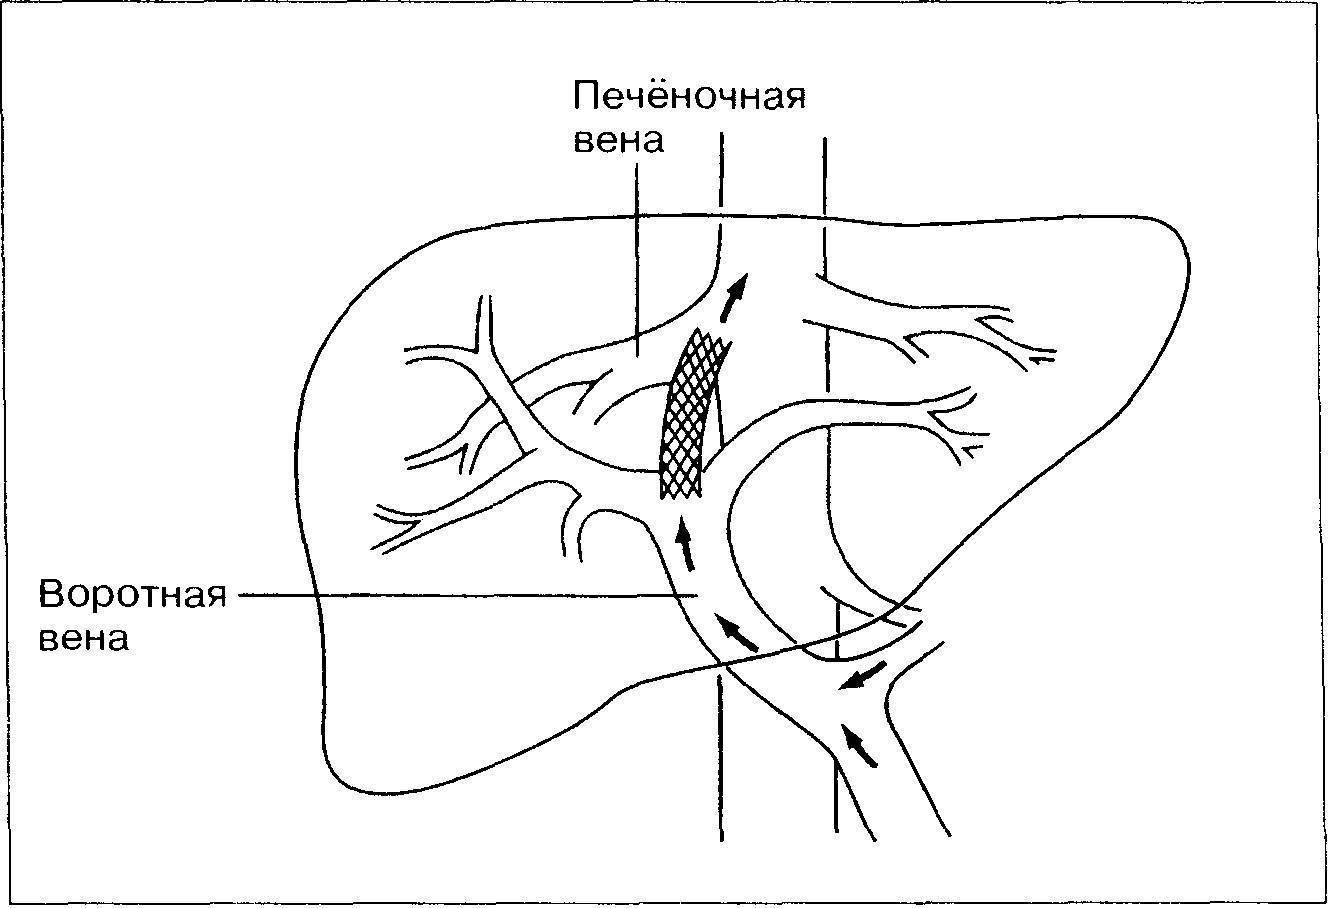 Воротная вена — большая медицинская энциклопедия